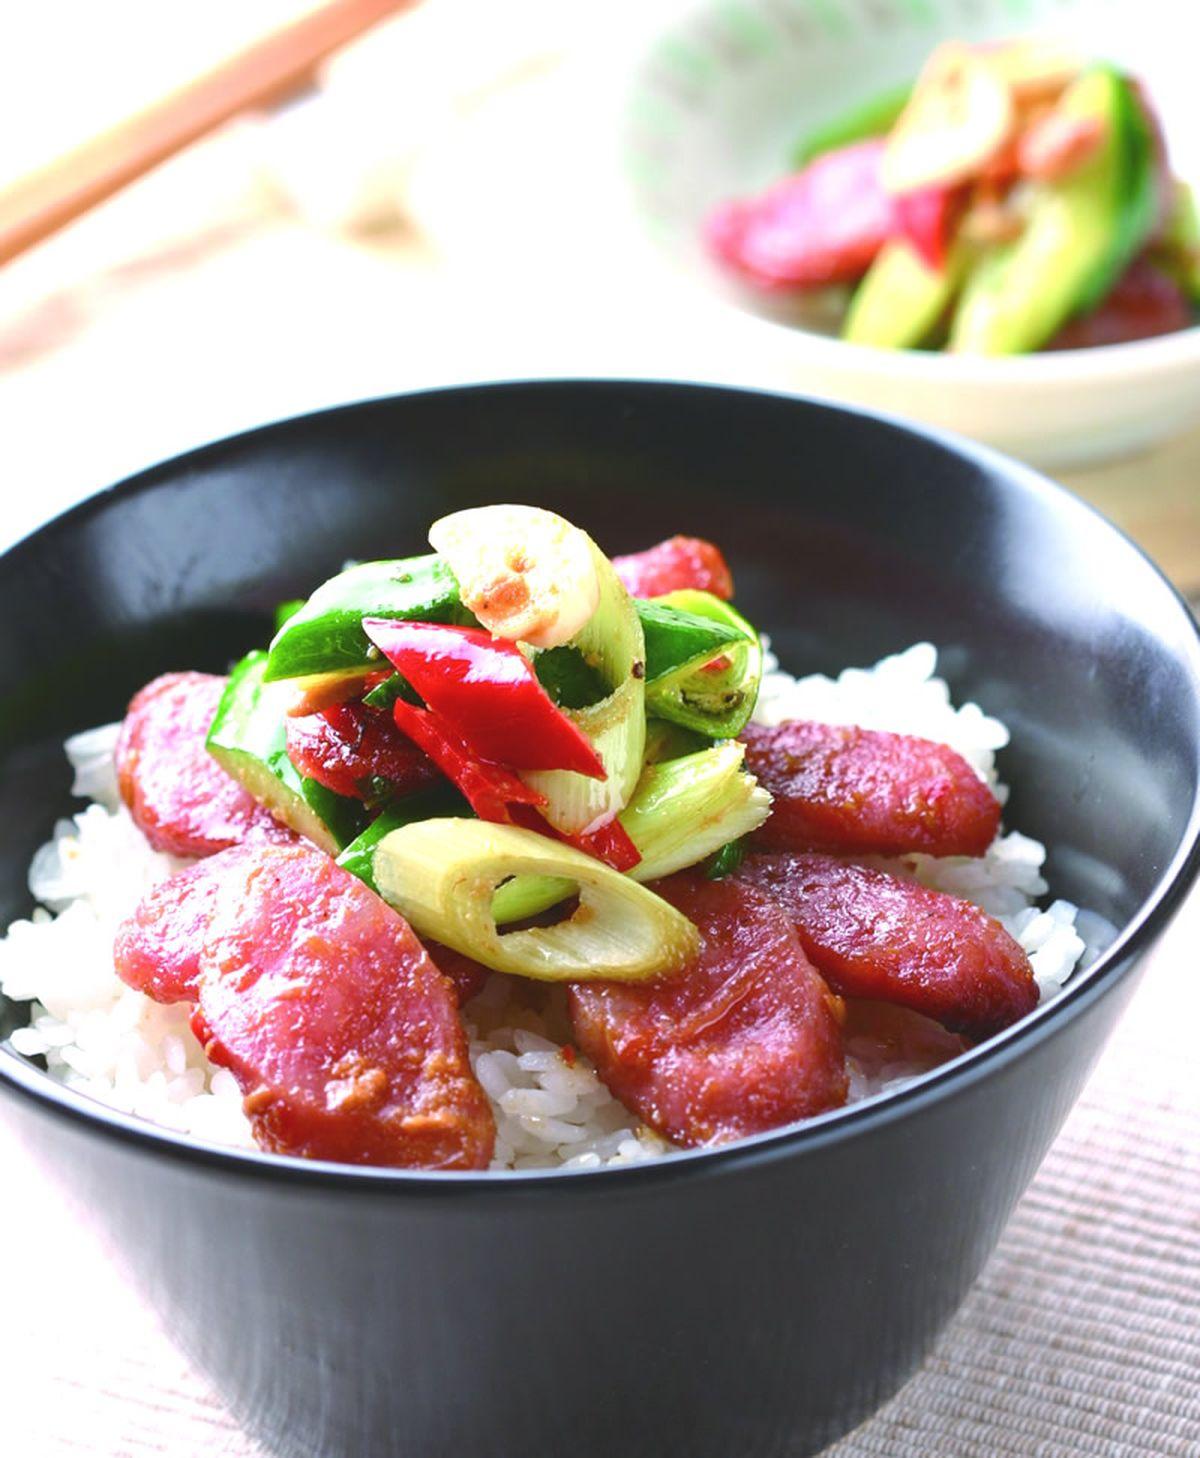 食譜:蒜苗香腸蔬菜飯